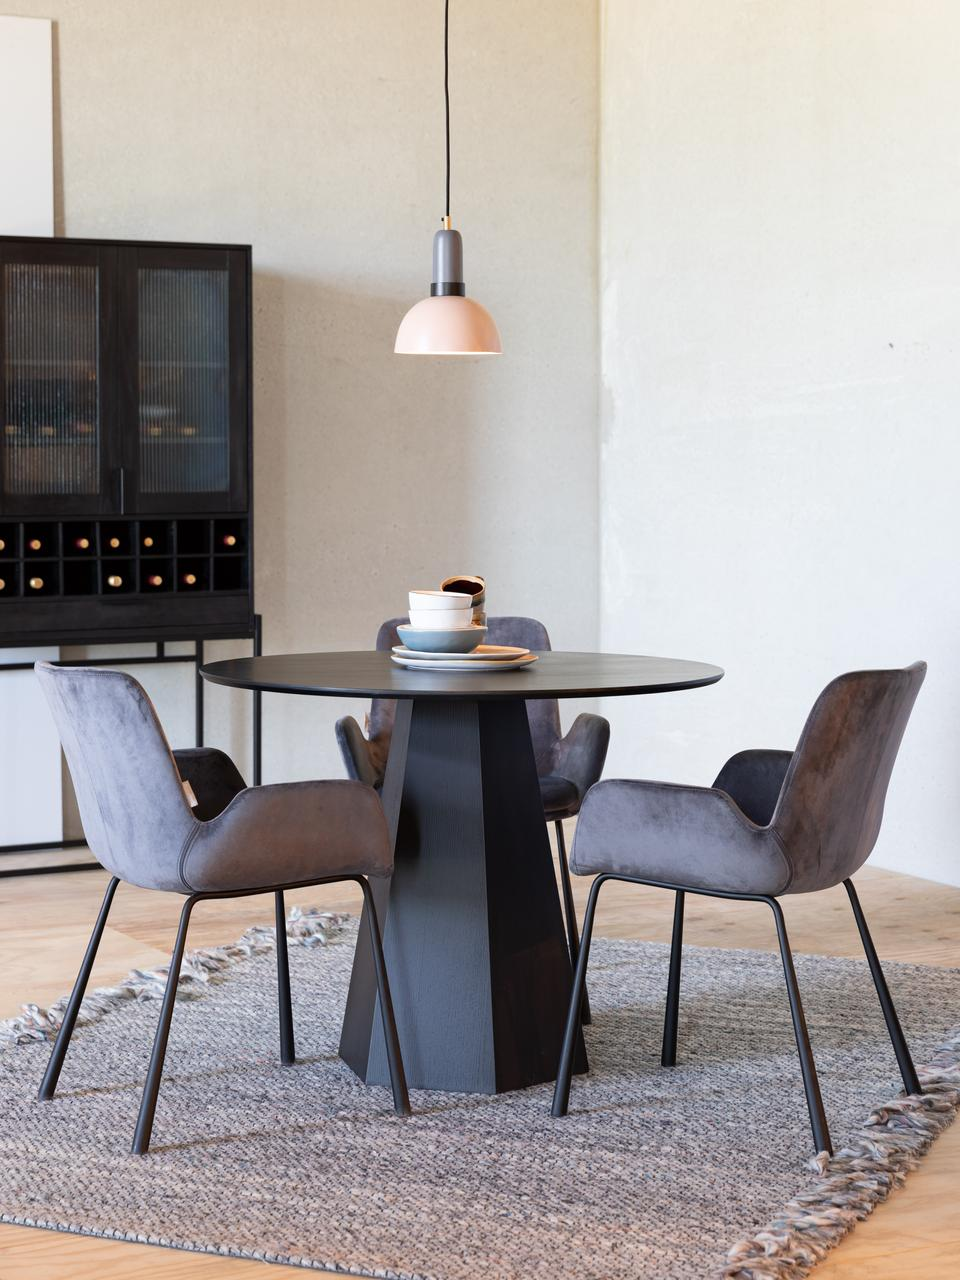 Runder Esstisch Pilar in Schwarz, Sperrholz mit Eschenholzfurnier, Schwarz, Ø 100 x H 76 cm